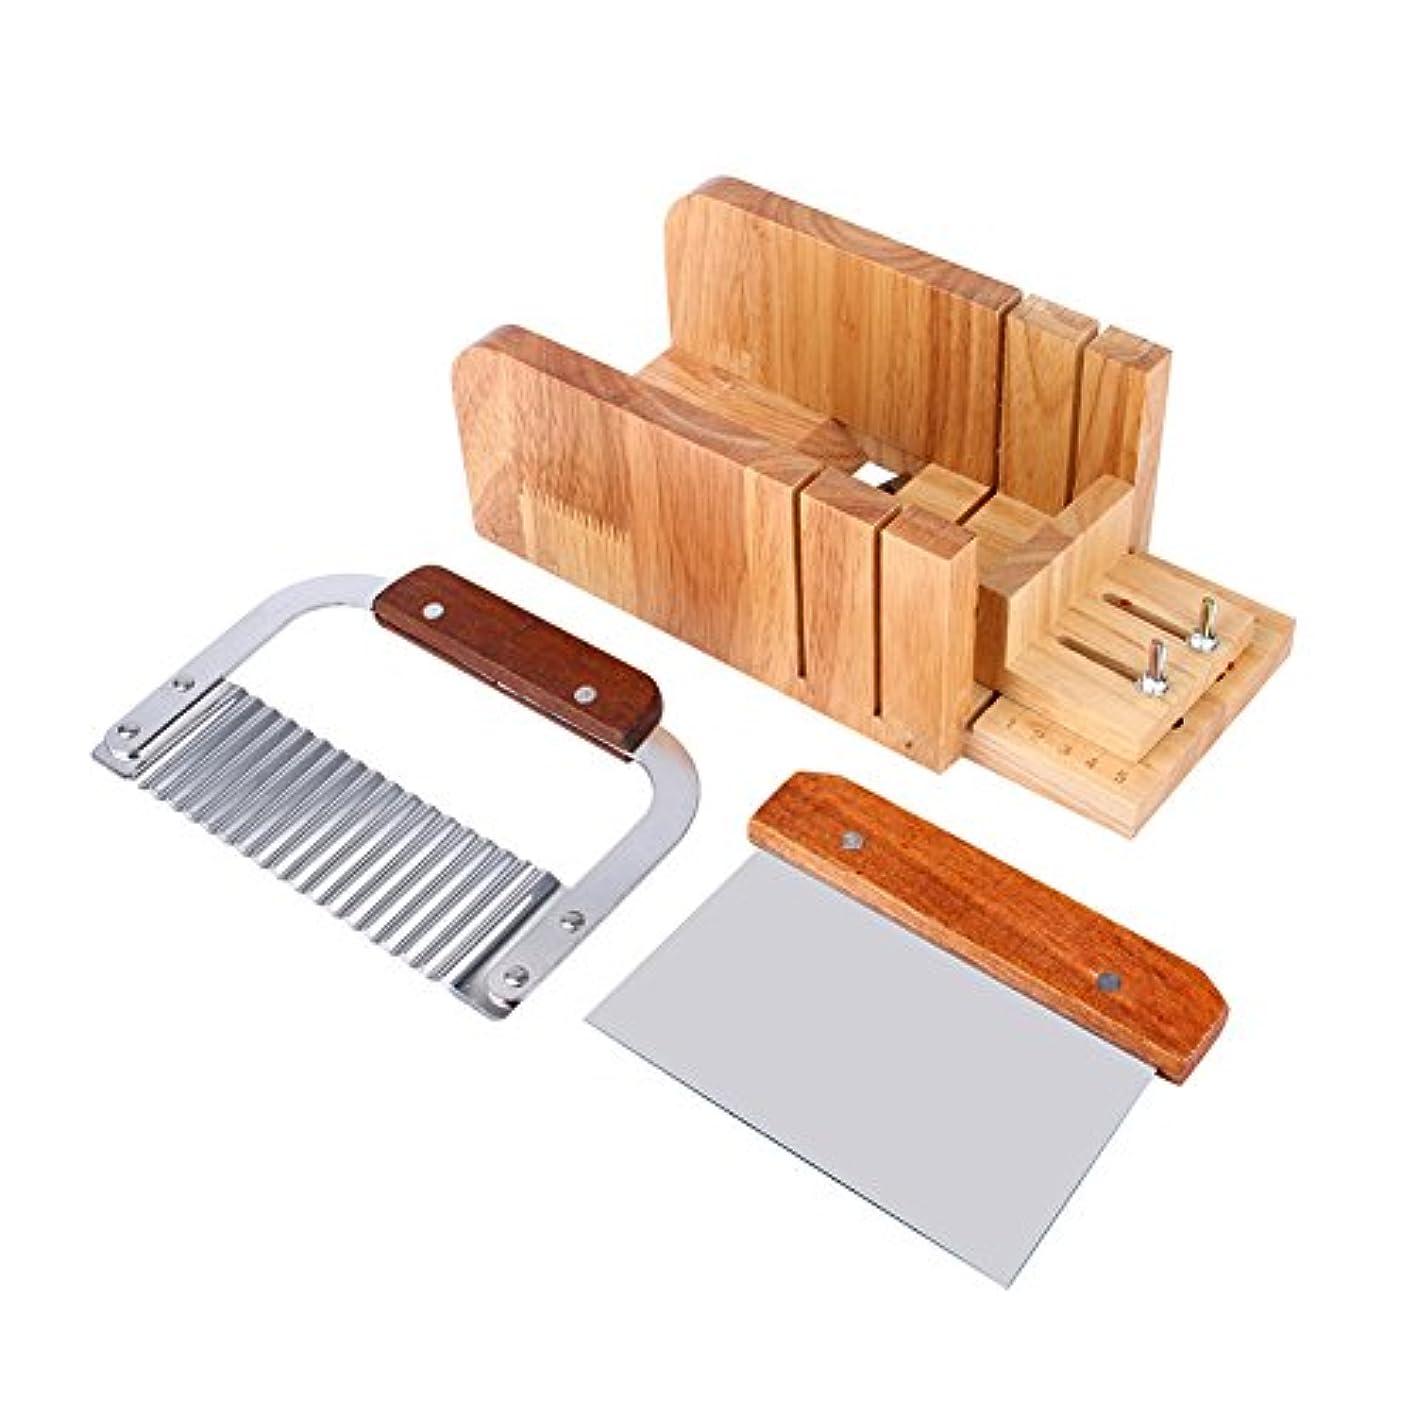 負担上に築きます占める3点セット ソープカッター 石けん金型ソープロープ カッター 木製 カッター ツールDIY 手作り 木製ボックス松木製 ストレートソープ包丁 ナイフ モールドソープ調整可能レトロ